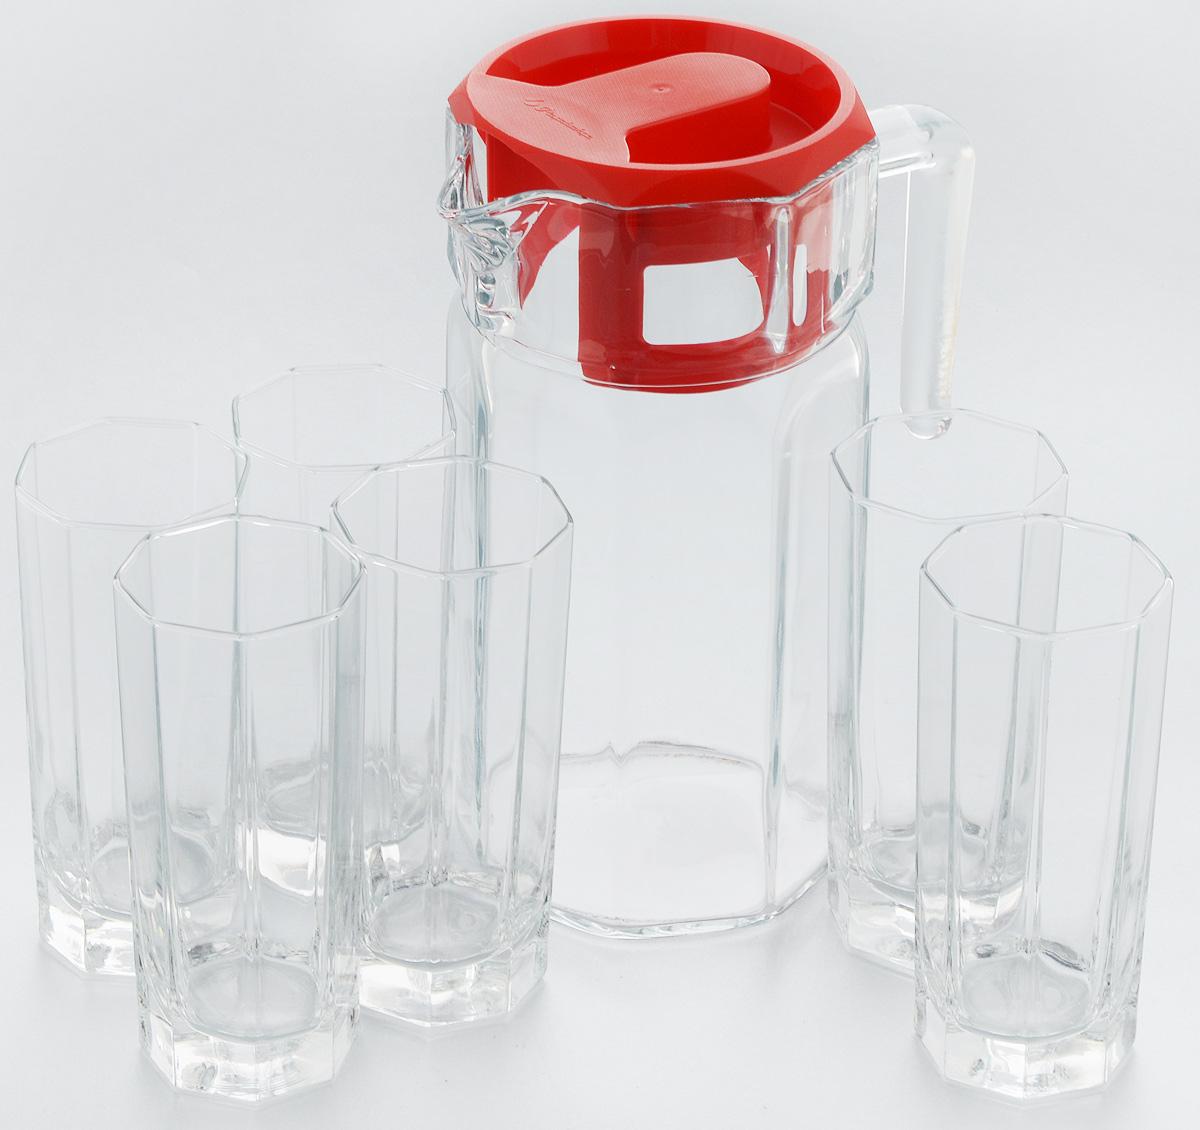 Набор для воды Pasabahce Kosem, 7 предметов. 97415B97415BНабор Pasabahce Kosem состоит из шести стаканов и графина, выполненных из прочного натрий-кальций-силикатного стекла. Предметы набора, оснащенные рельефной многогранной поверхностью, предназначены для воды, сока и других напитков. Графин снабжен пластиковой, плотно закрывающейся крышкой. Изделия сочетают в себе элегантный дизайн и функциональность. Благодаря такому набору пить напитки будет еще вкуснее. Набор для воды Pasabahce Kosem прекрасно оформит праздничный стол и создаст приятную атмосферу. Такой набор также станет хорошим подарком к любому случаю. Высота графина: 24 см. Объем стакана: 200 мл. Высота стакана: 15 см.